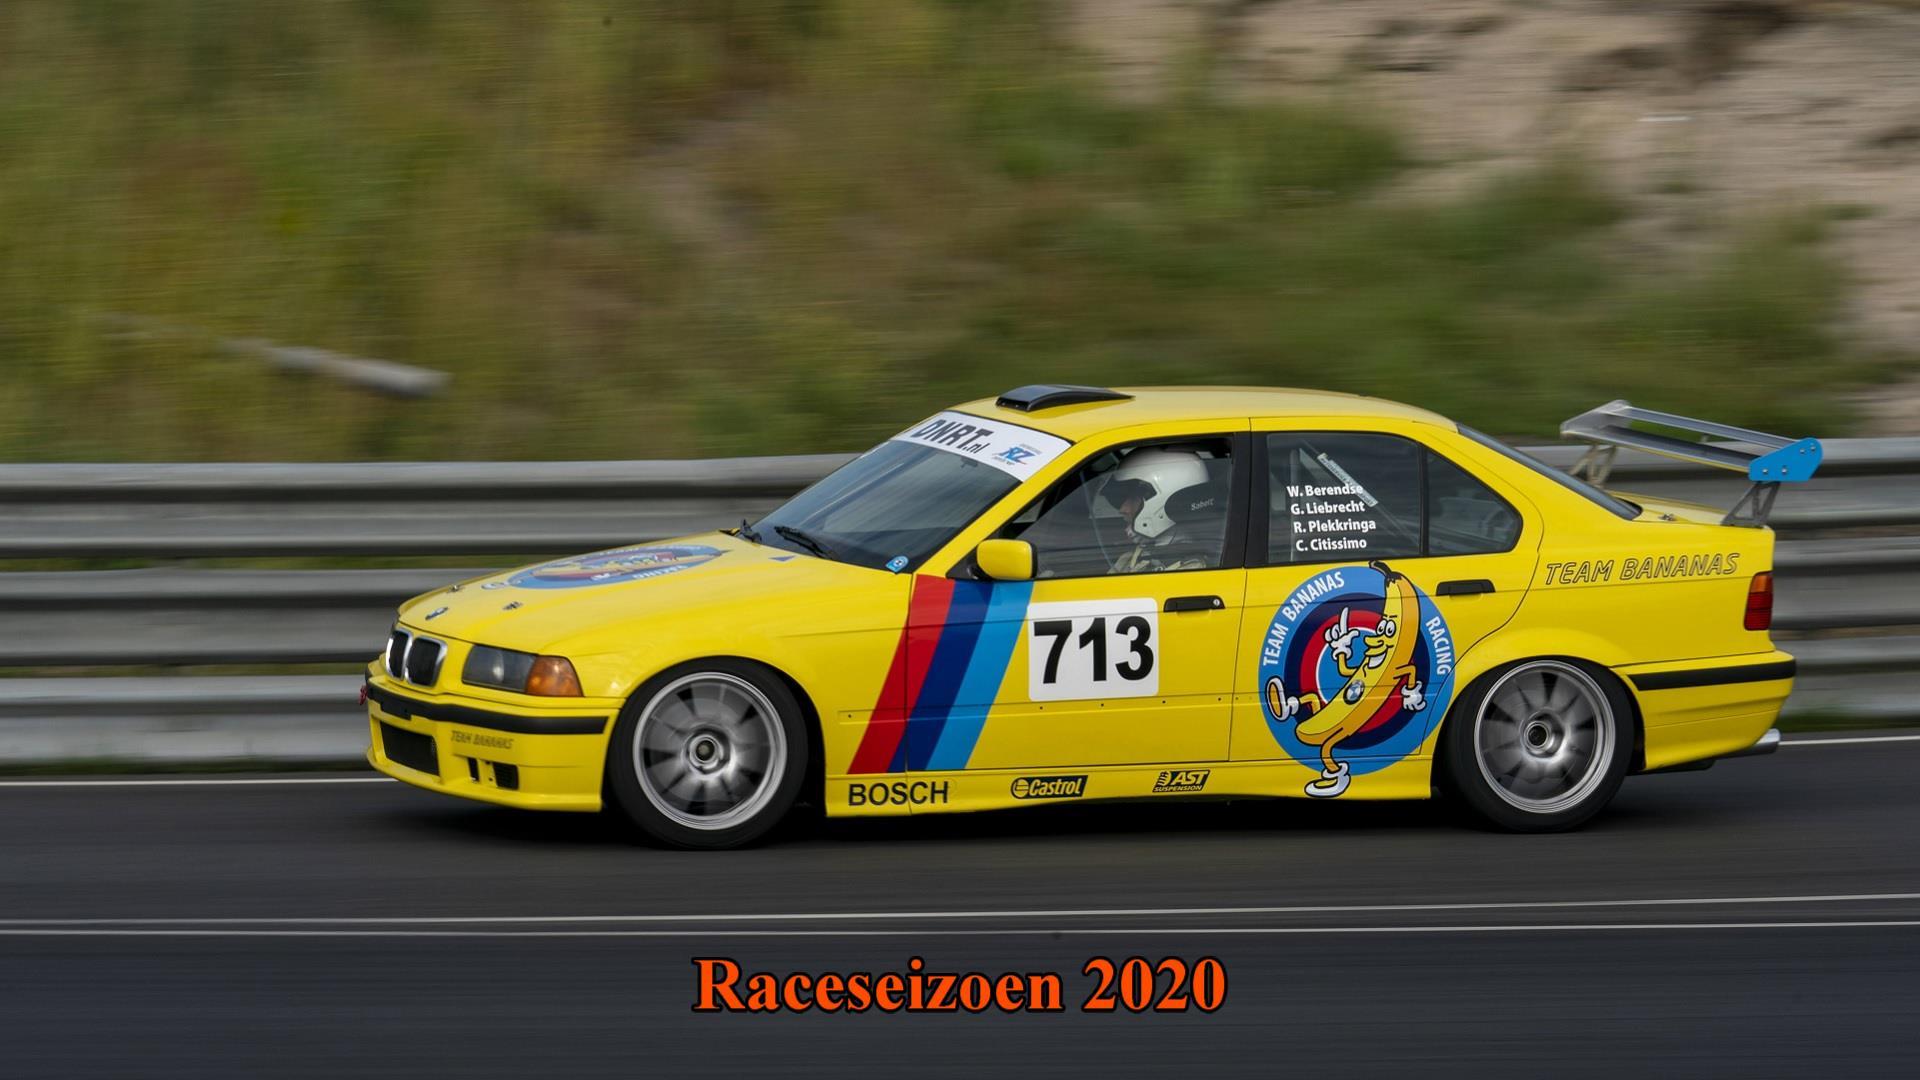 Raceseizoen 2020